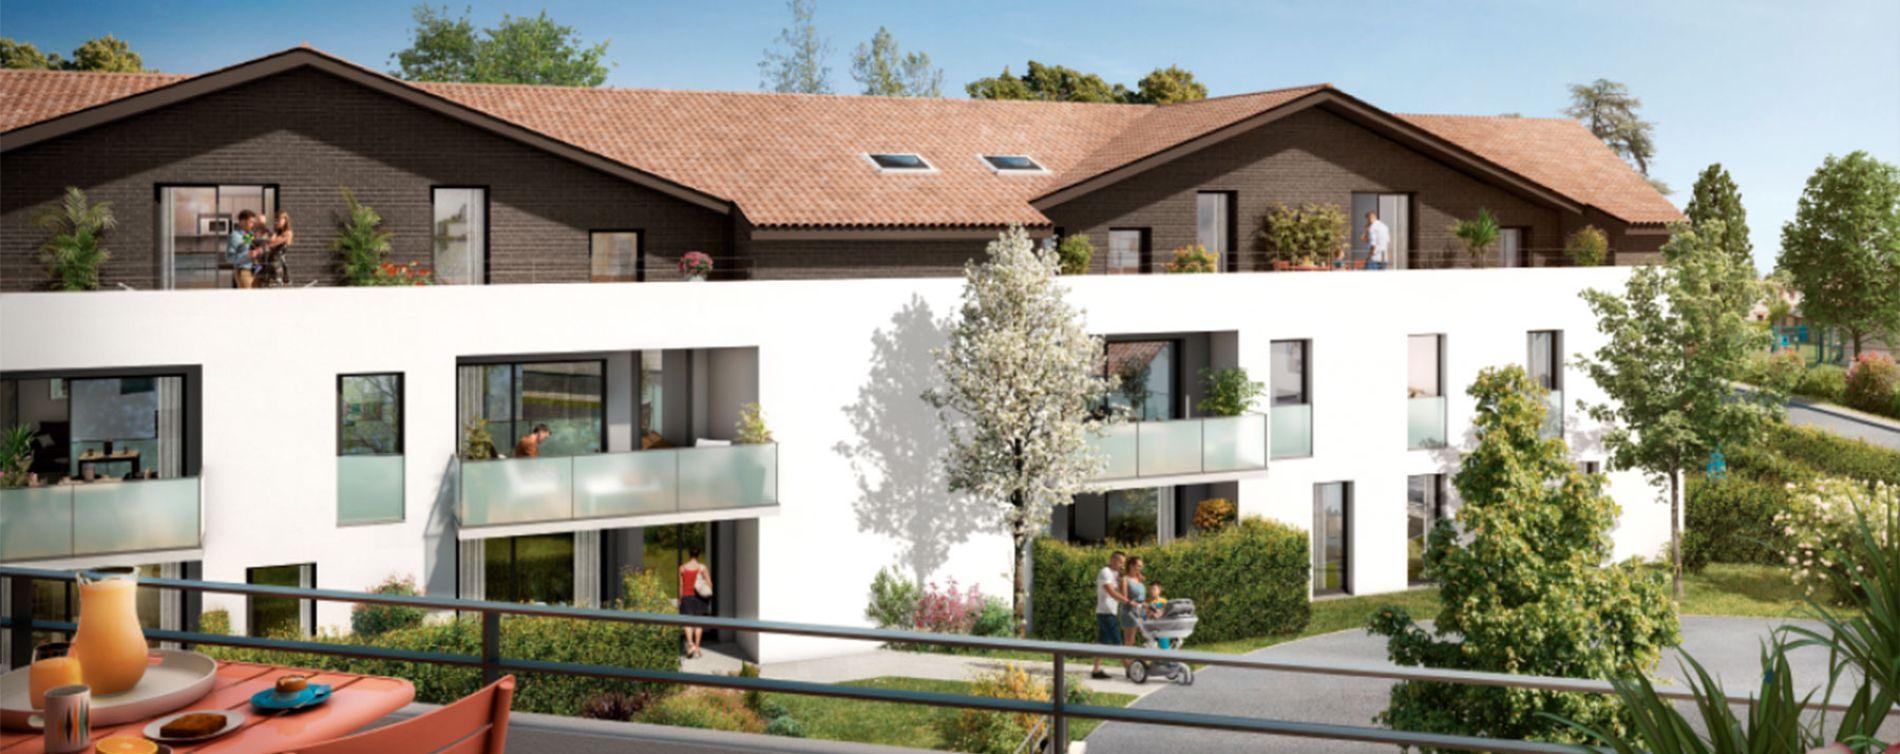 Mondonville : programme immobilier neuve « Via Notte » (3)